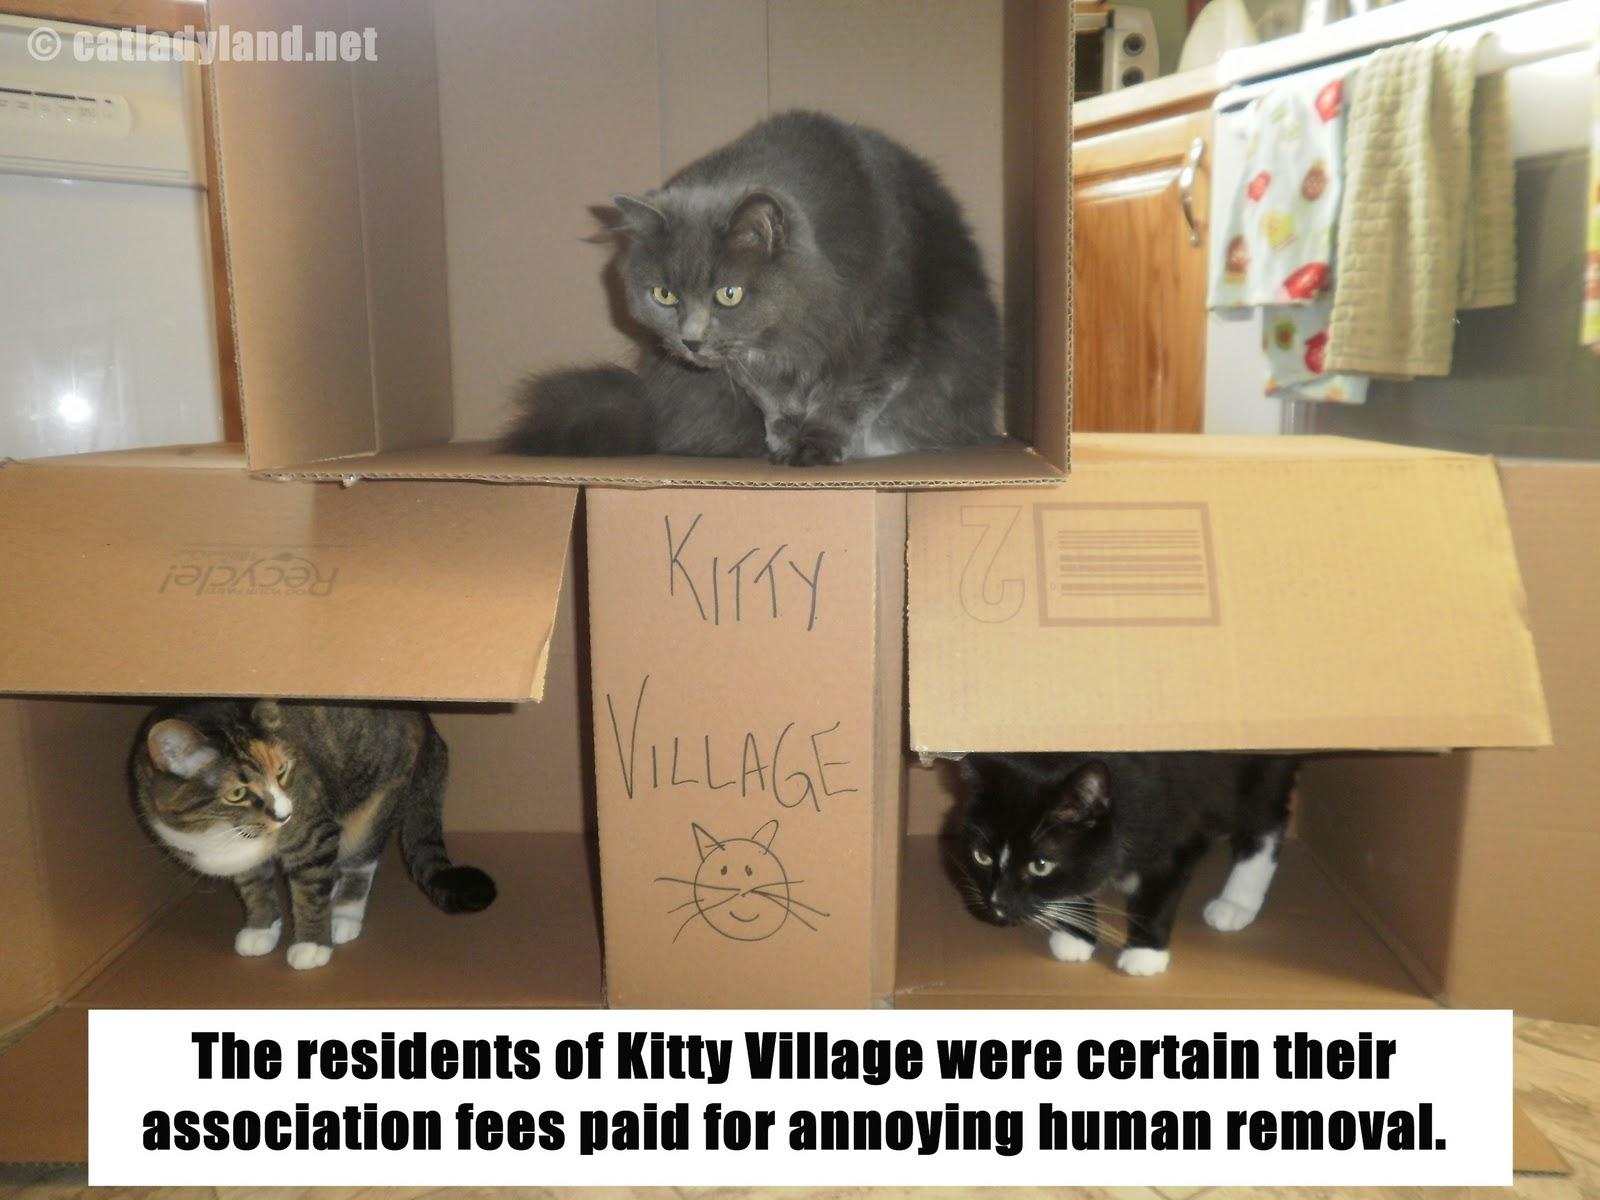 http://1.bp.blogspot.com/-Is9MSIWj1CA/TzQPbHTqa5I/AAAAAAAAn0M/pLL3oHHIuRA/s1600/Funny+Cat+Pics+(26).JPG